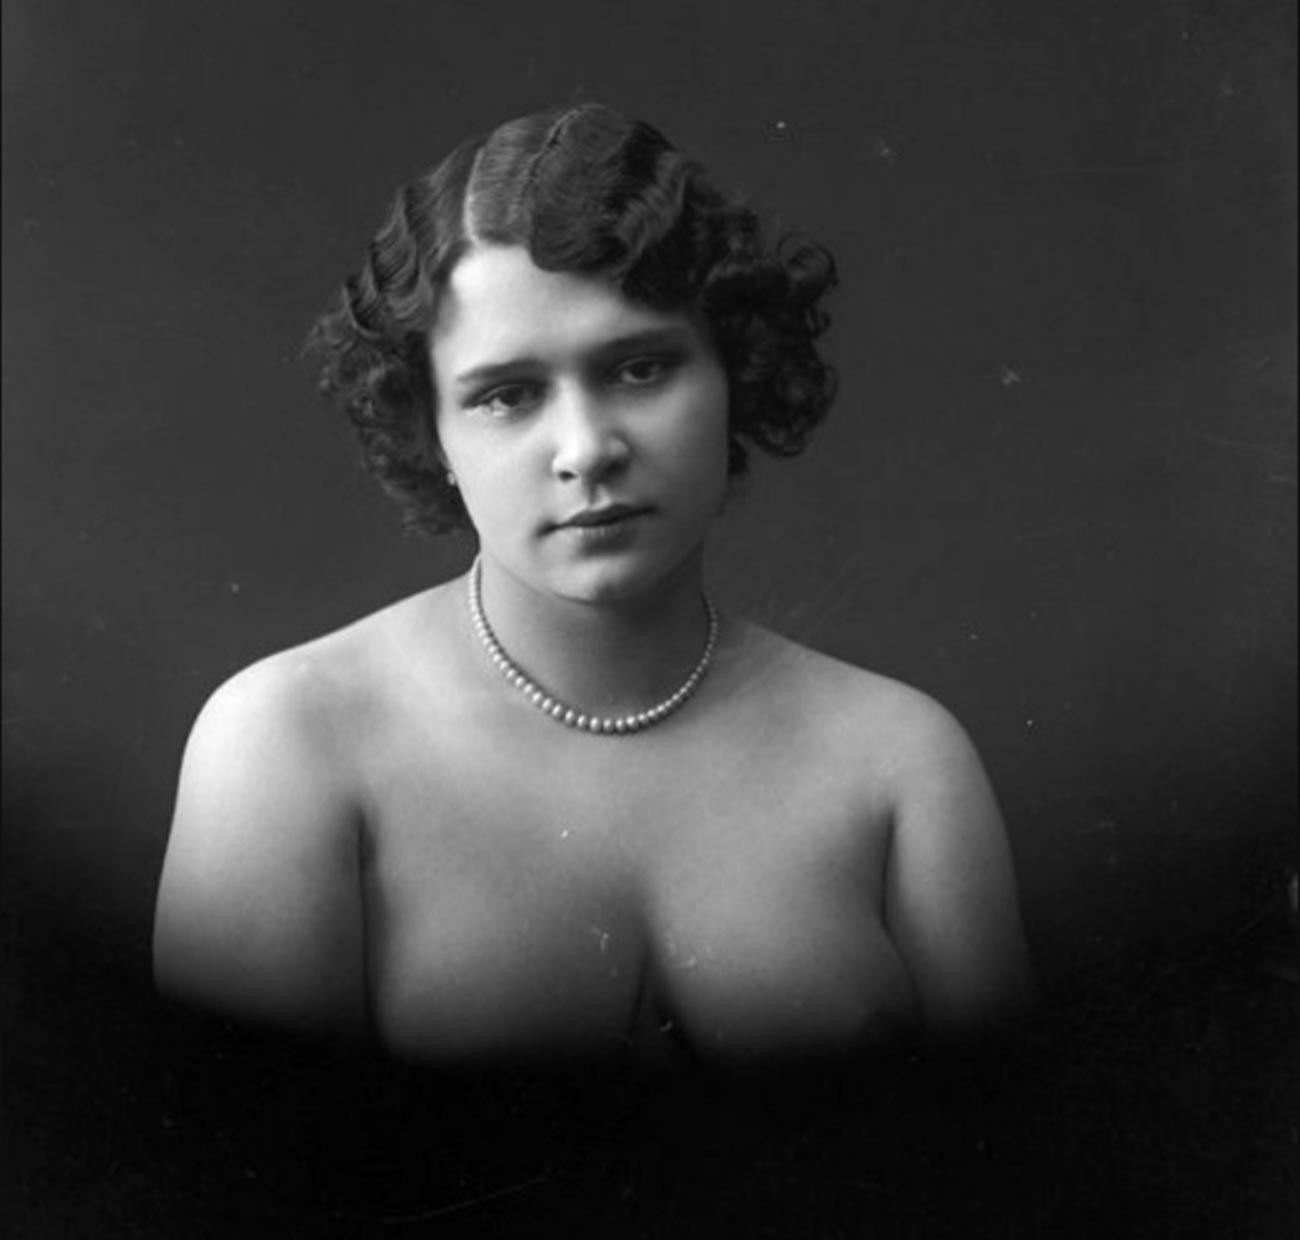 Некто Княжихина, «хористка», работавшая на Нижегородской ярмарке (фото сделано в 1895-1905 гг.)